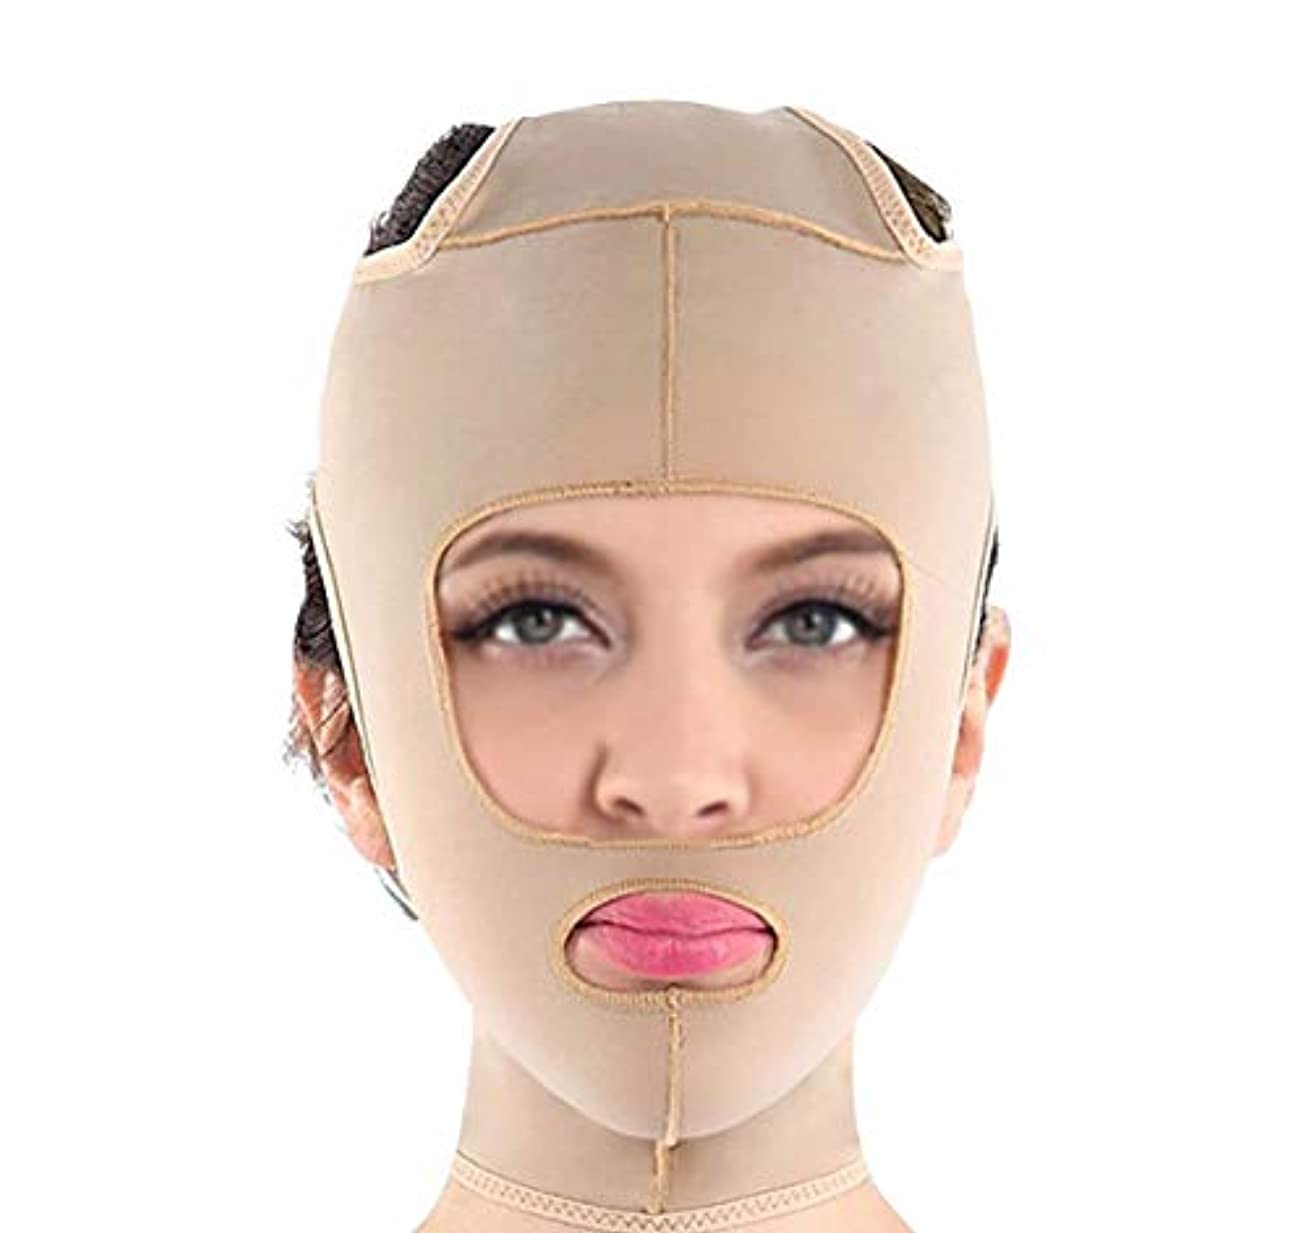 男やもめ方程式猟犬フェイスリフティングマスクで肌をしっかりと保ち、顔の筋肉の垂れ下がりや顔の美しい輪郭の整形を防止します(サイズ:Xl),ザ?